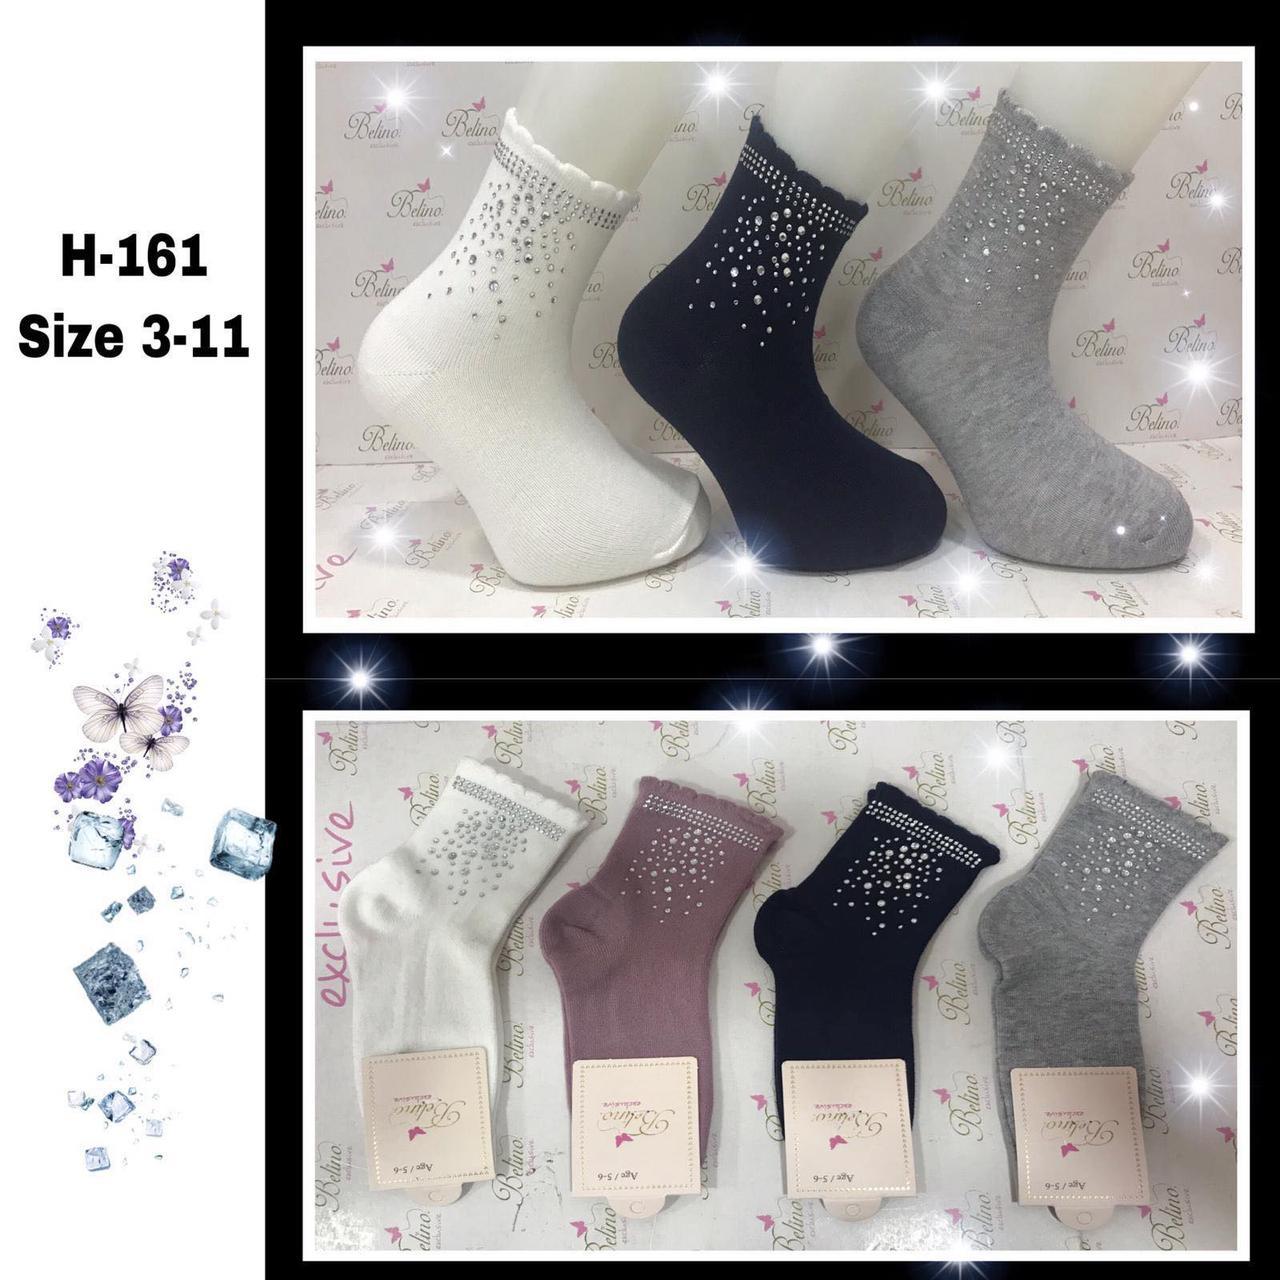 Детские ароматизированные носки для девочек  оптом Размер 7-8 и 9-10 лет